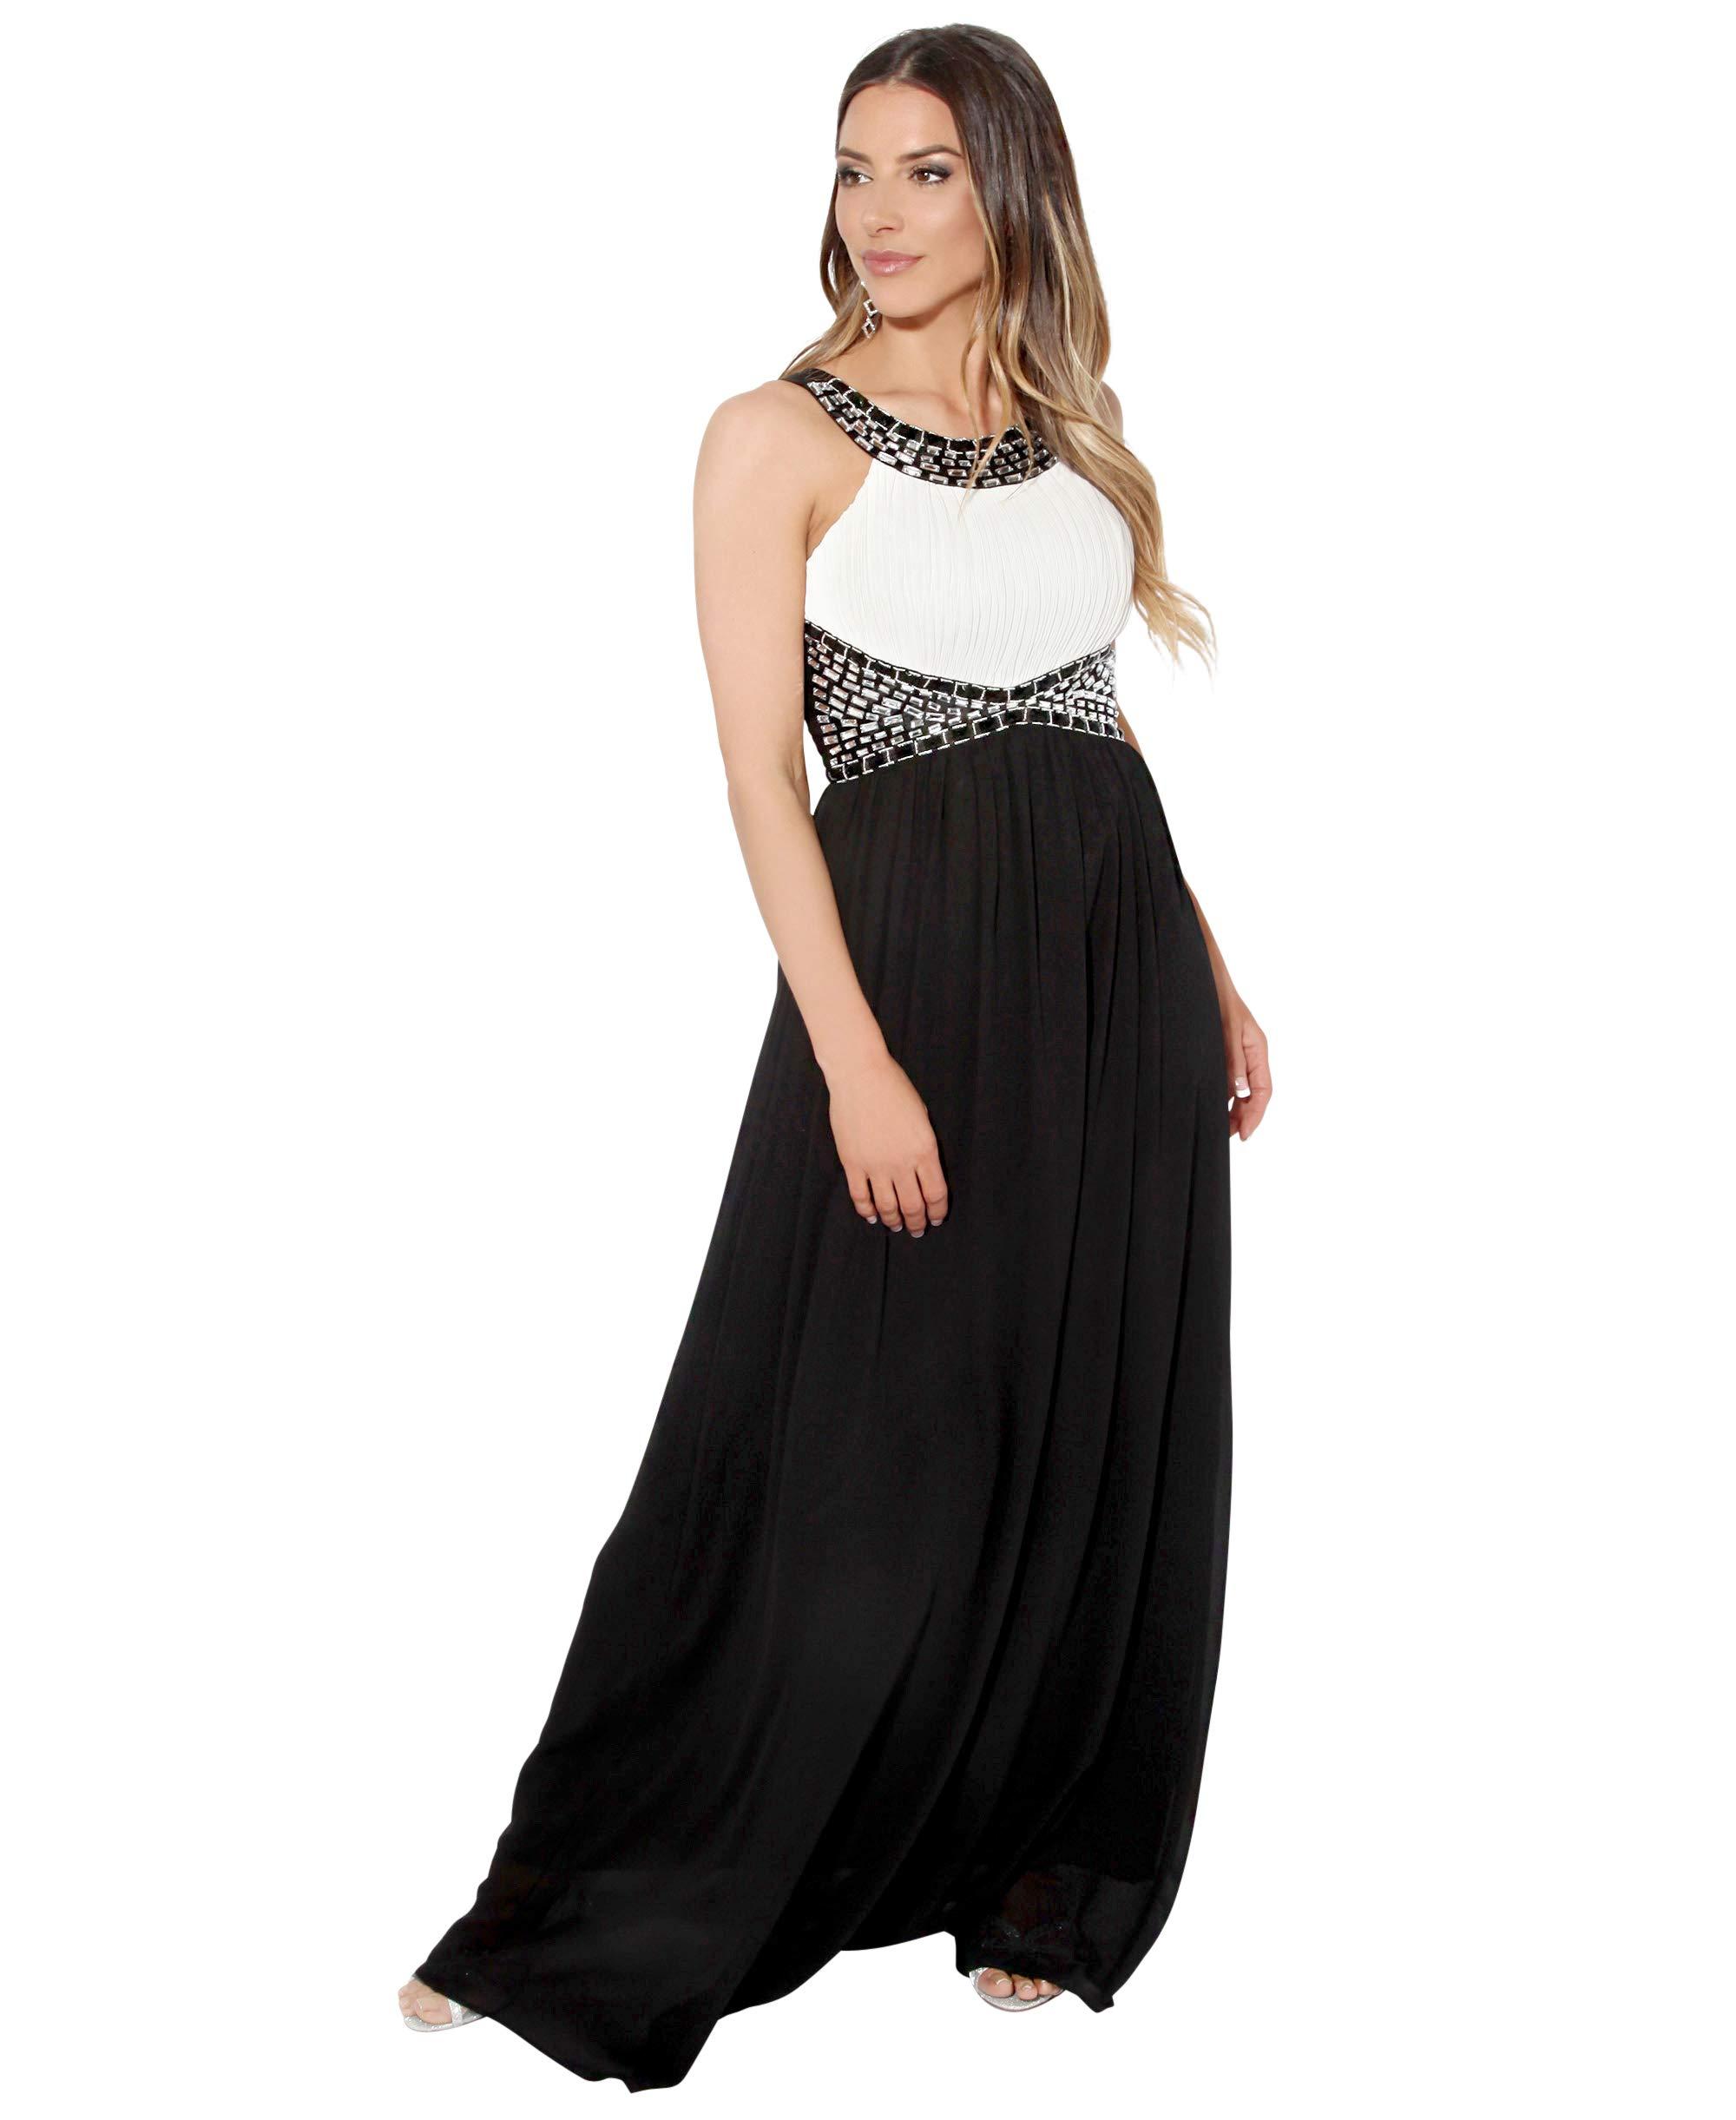 KRISP Vestido Largo Fiesta Ceremonia Elegante product image